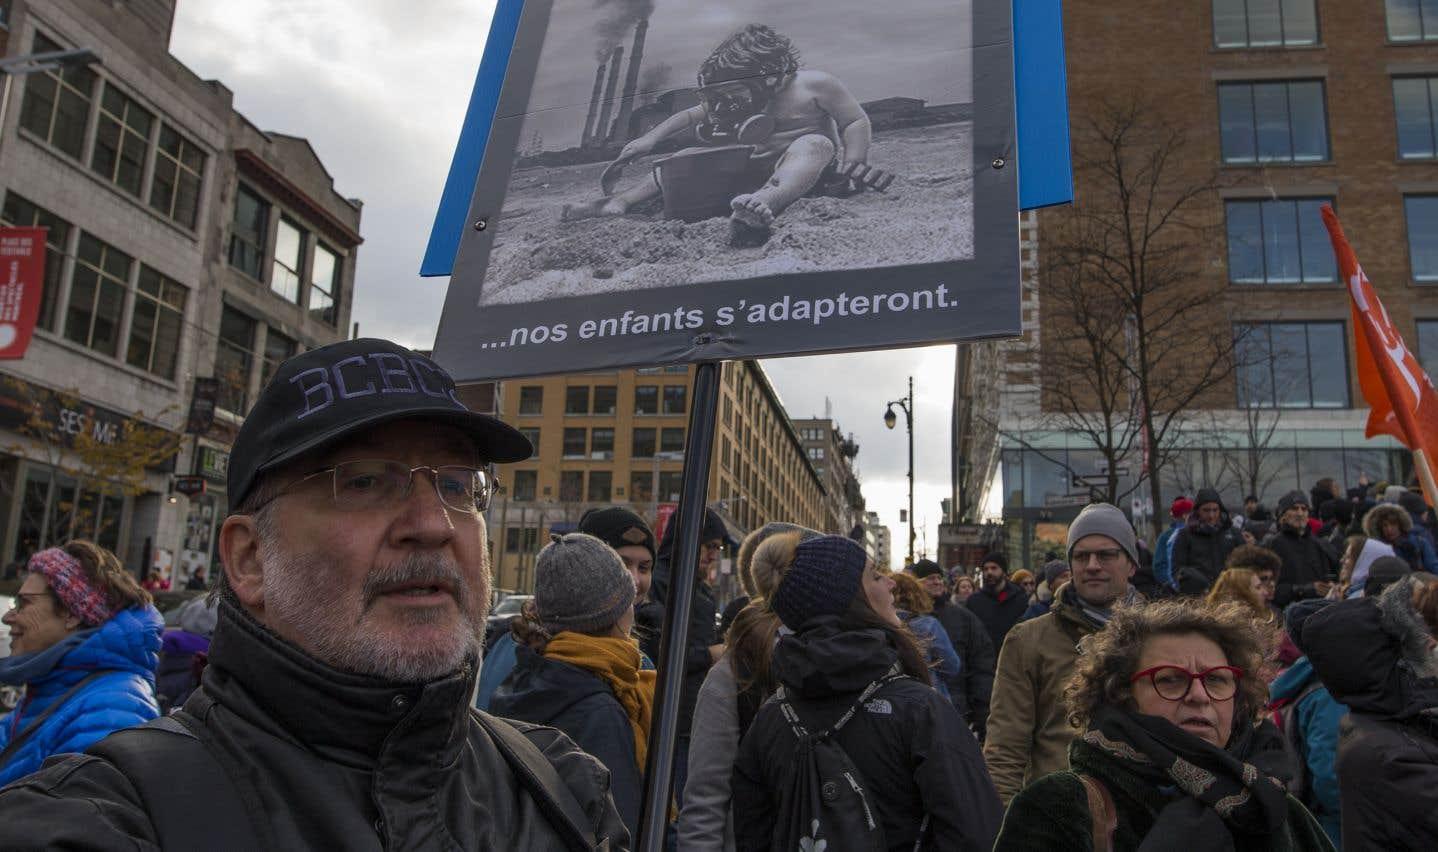 Les manifestants ont signifiéleur appui à des mesures plus ambitieuses de lutte contre les changements climatiques.